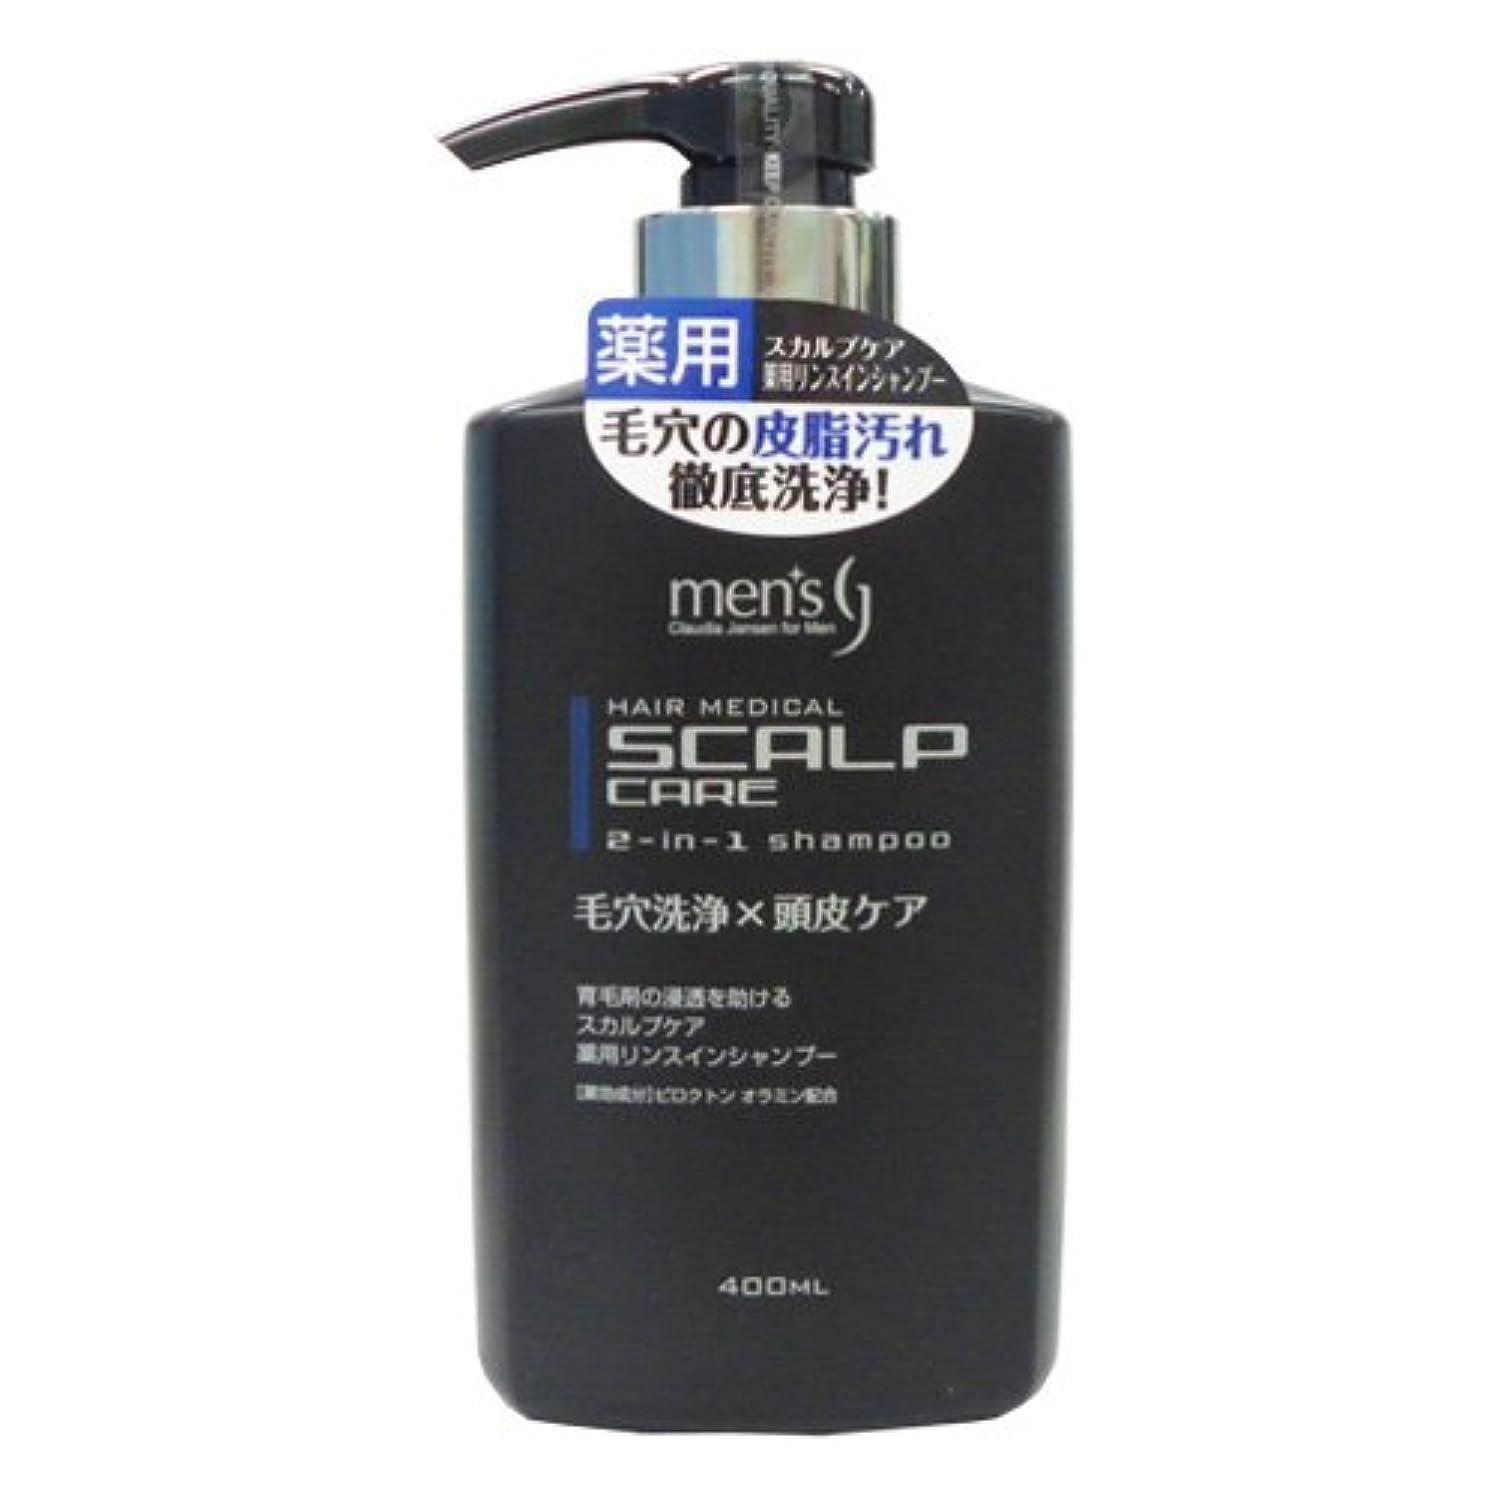 ミス毎回マイクロフォンスカルプケア薬用リンスインシャンプー 400ml 毛穴洗浄×頭皮ケア